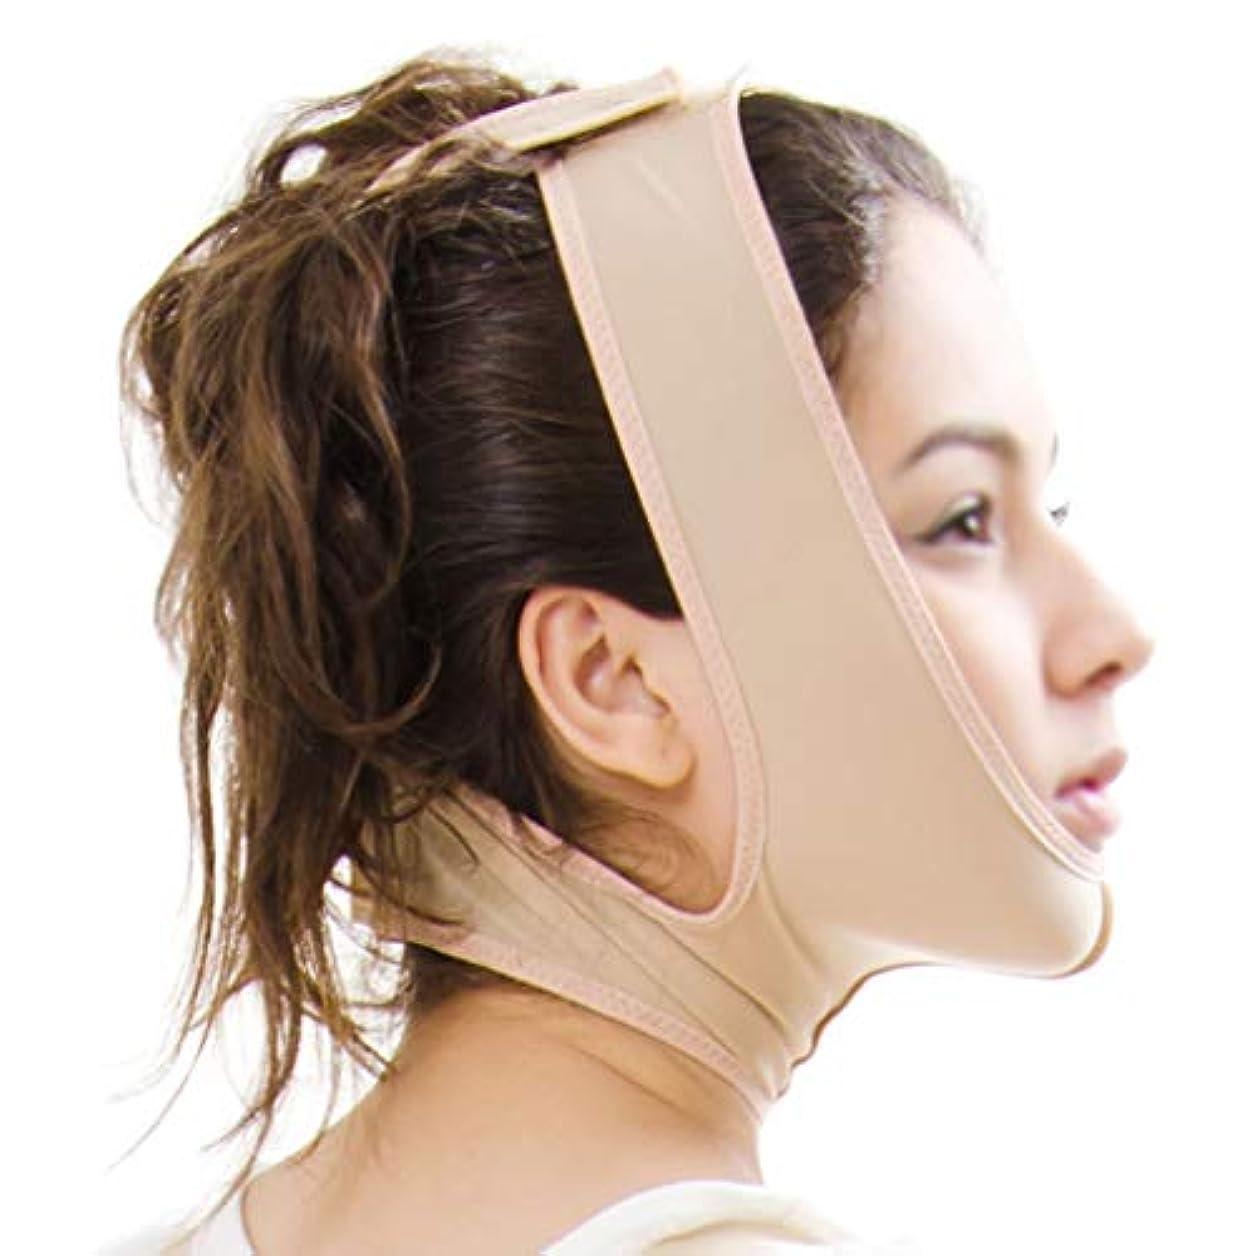 租界溶かす真向こうGLJJQMY 顔面リフティング包帯あごの首と首の二重あごの脂肪吸引術後創傷マスク 顔用整形マスク (Size : S)